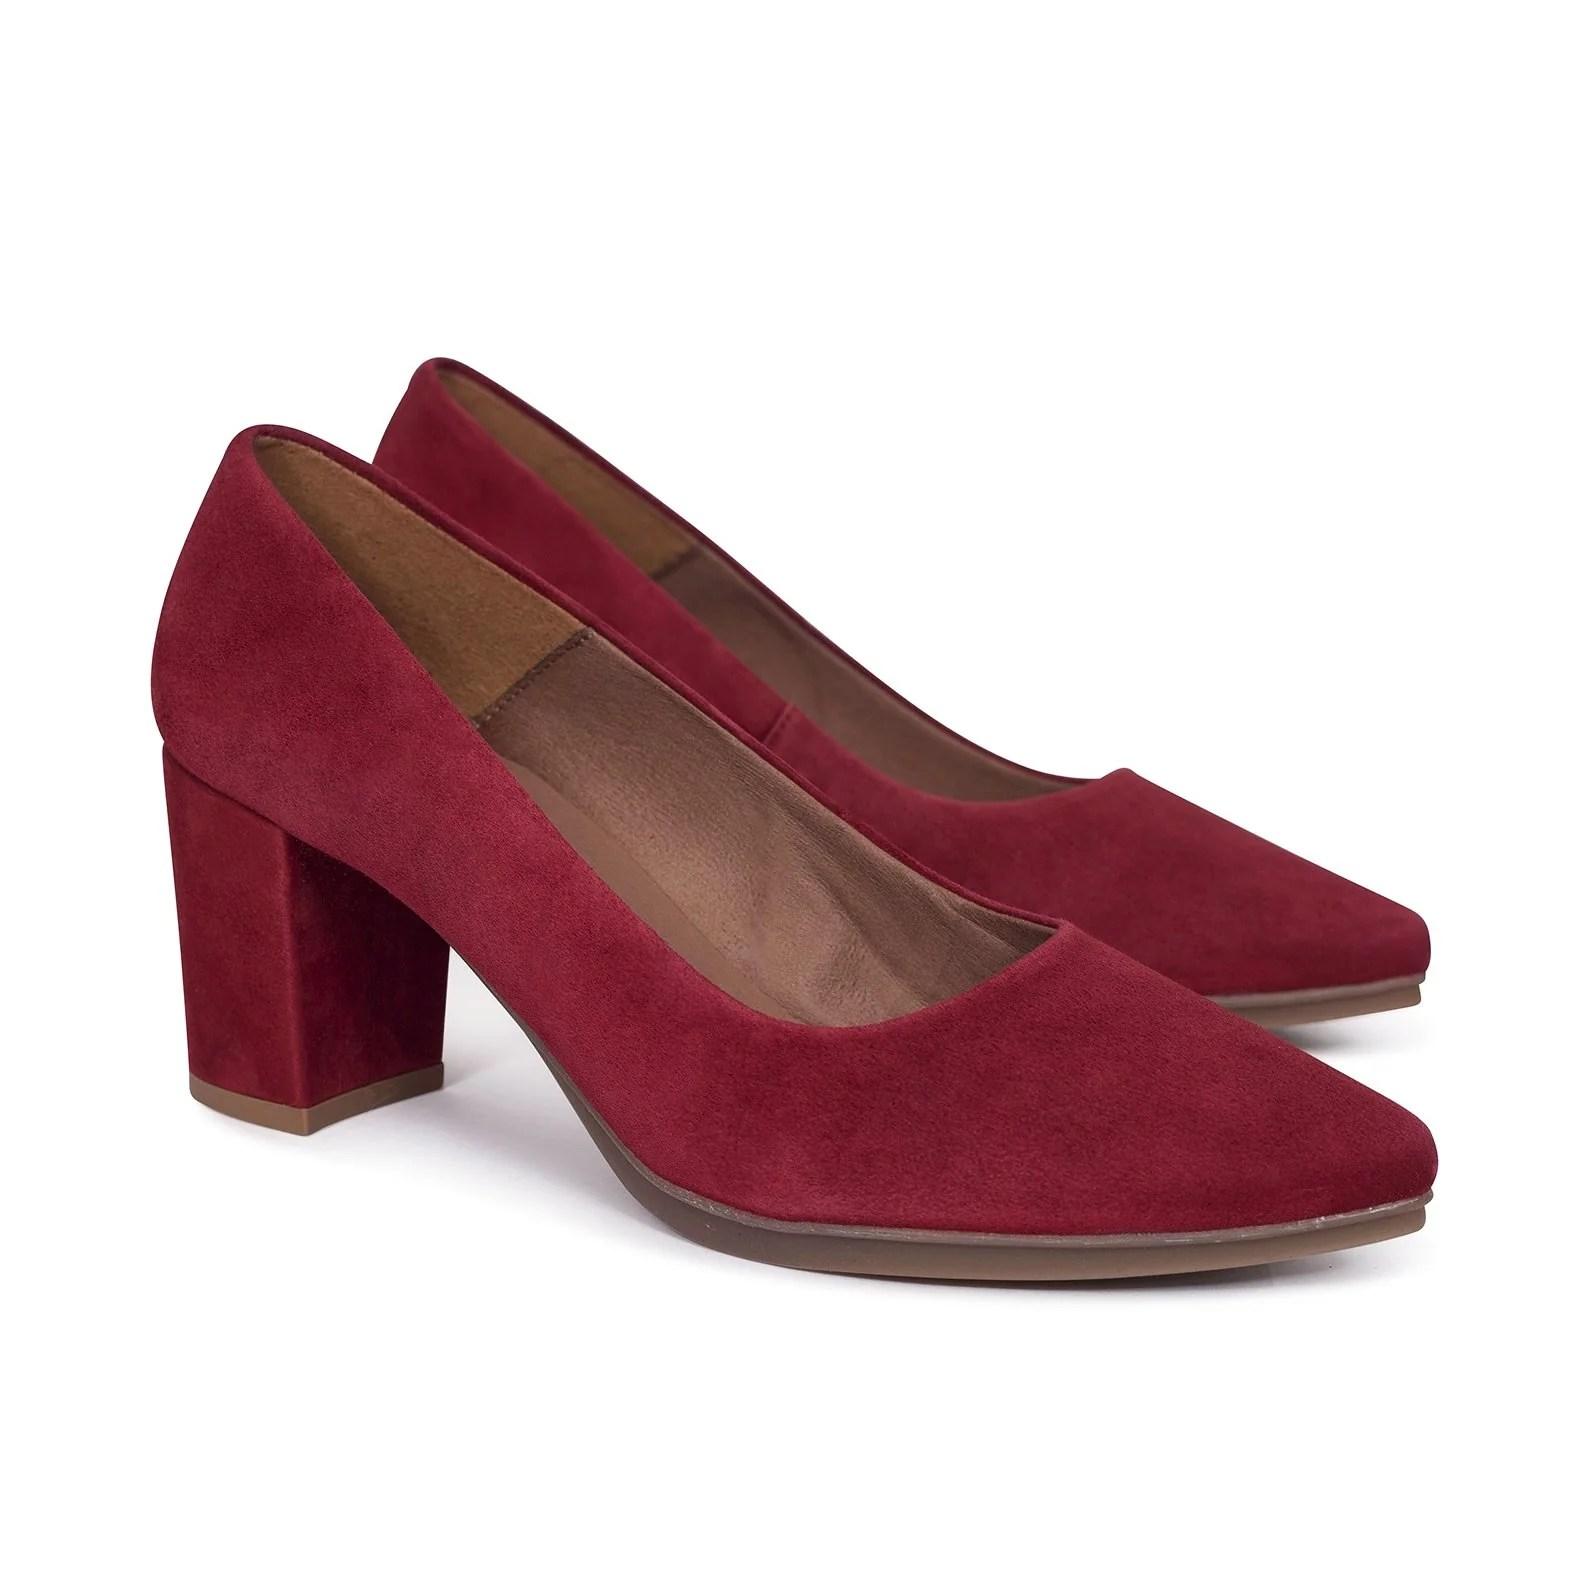 Nuevo 2018 De Zapatos Salon Rojos 100 Garantía Satisfacción Del H808vxw